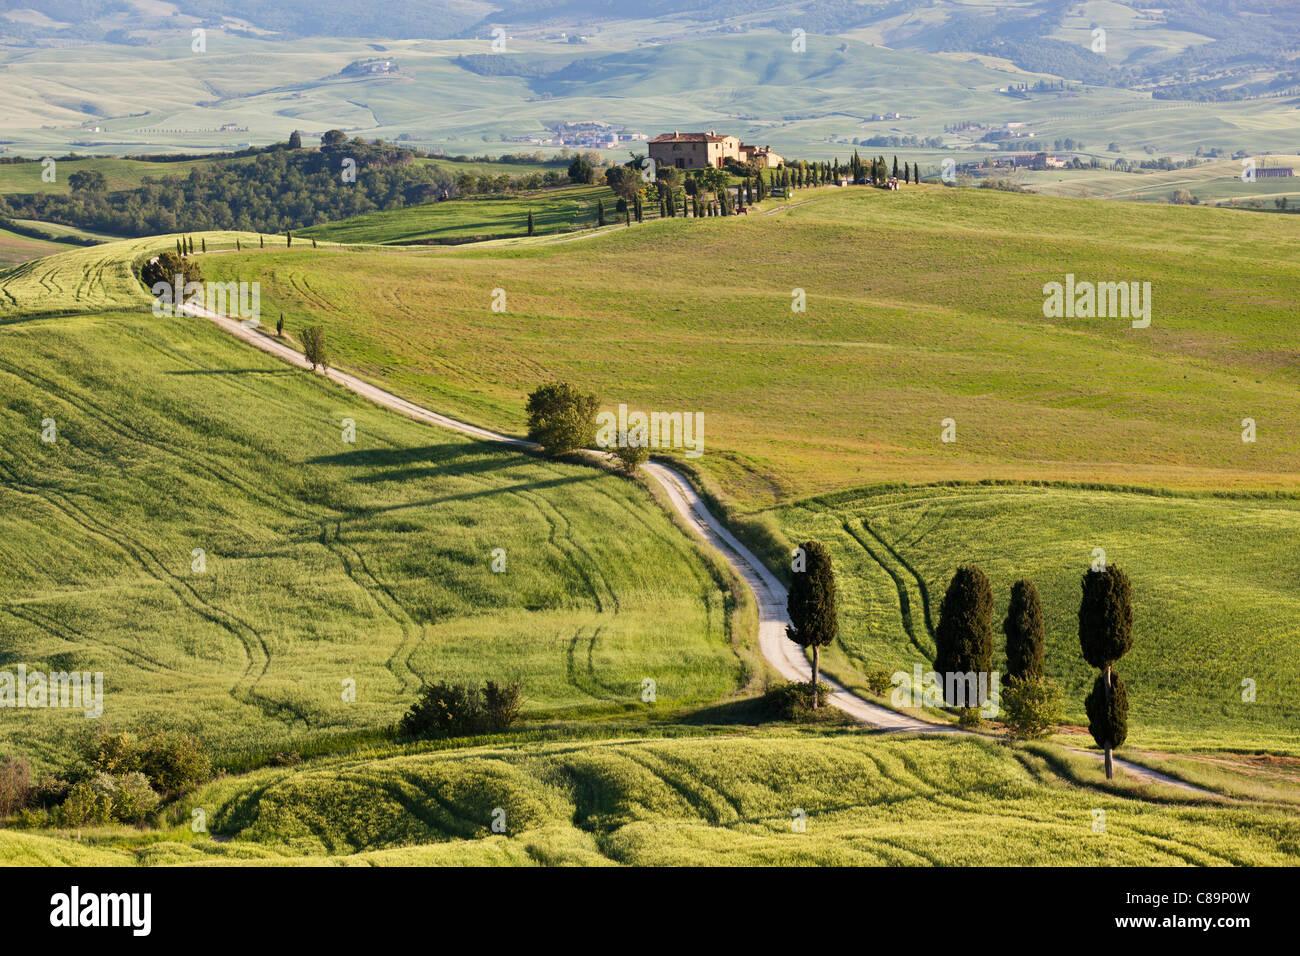 Italie, Toscane, Val d'Orcia, vue sur paysage vallonné et ferme avec des cyprès Photo Stock